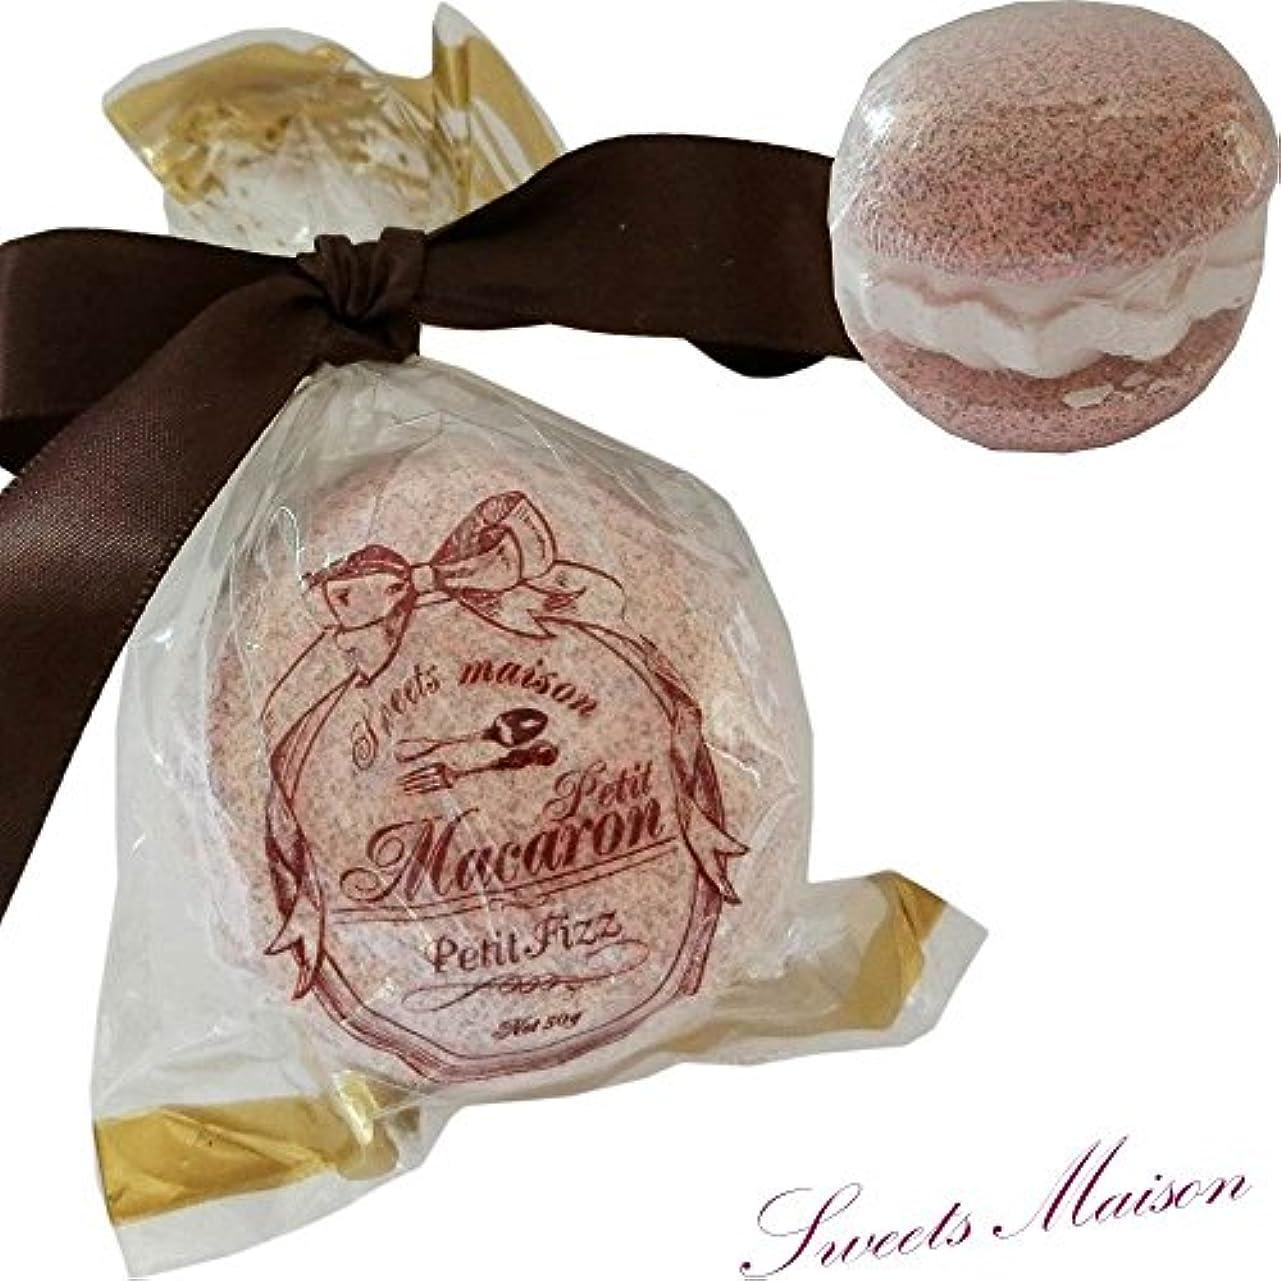 信者なんでもファンネルウェブスパイダー【Sweets Maison】プチマカロンフィズ ビターなマンダリン&チョコレートの香り 1個